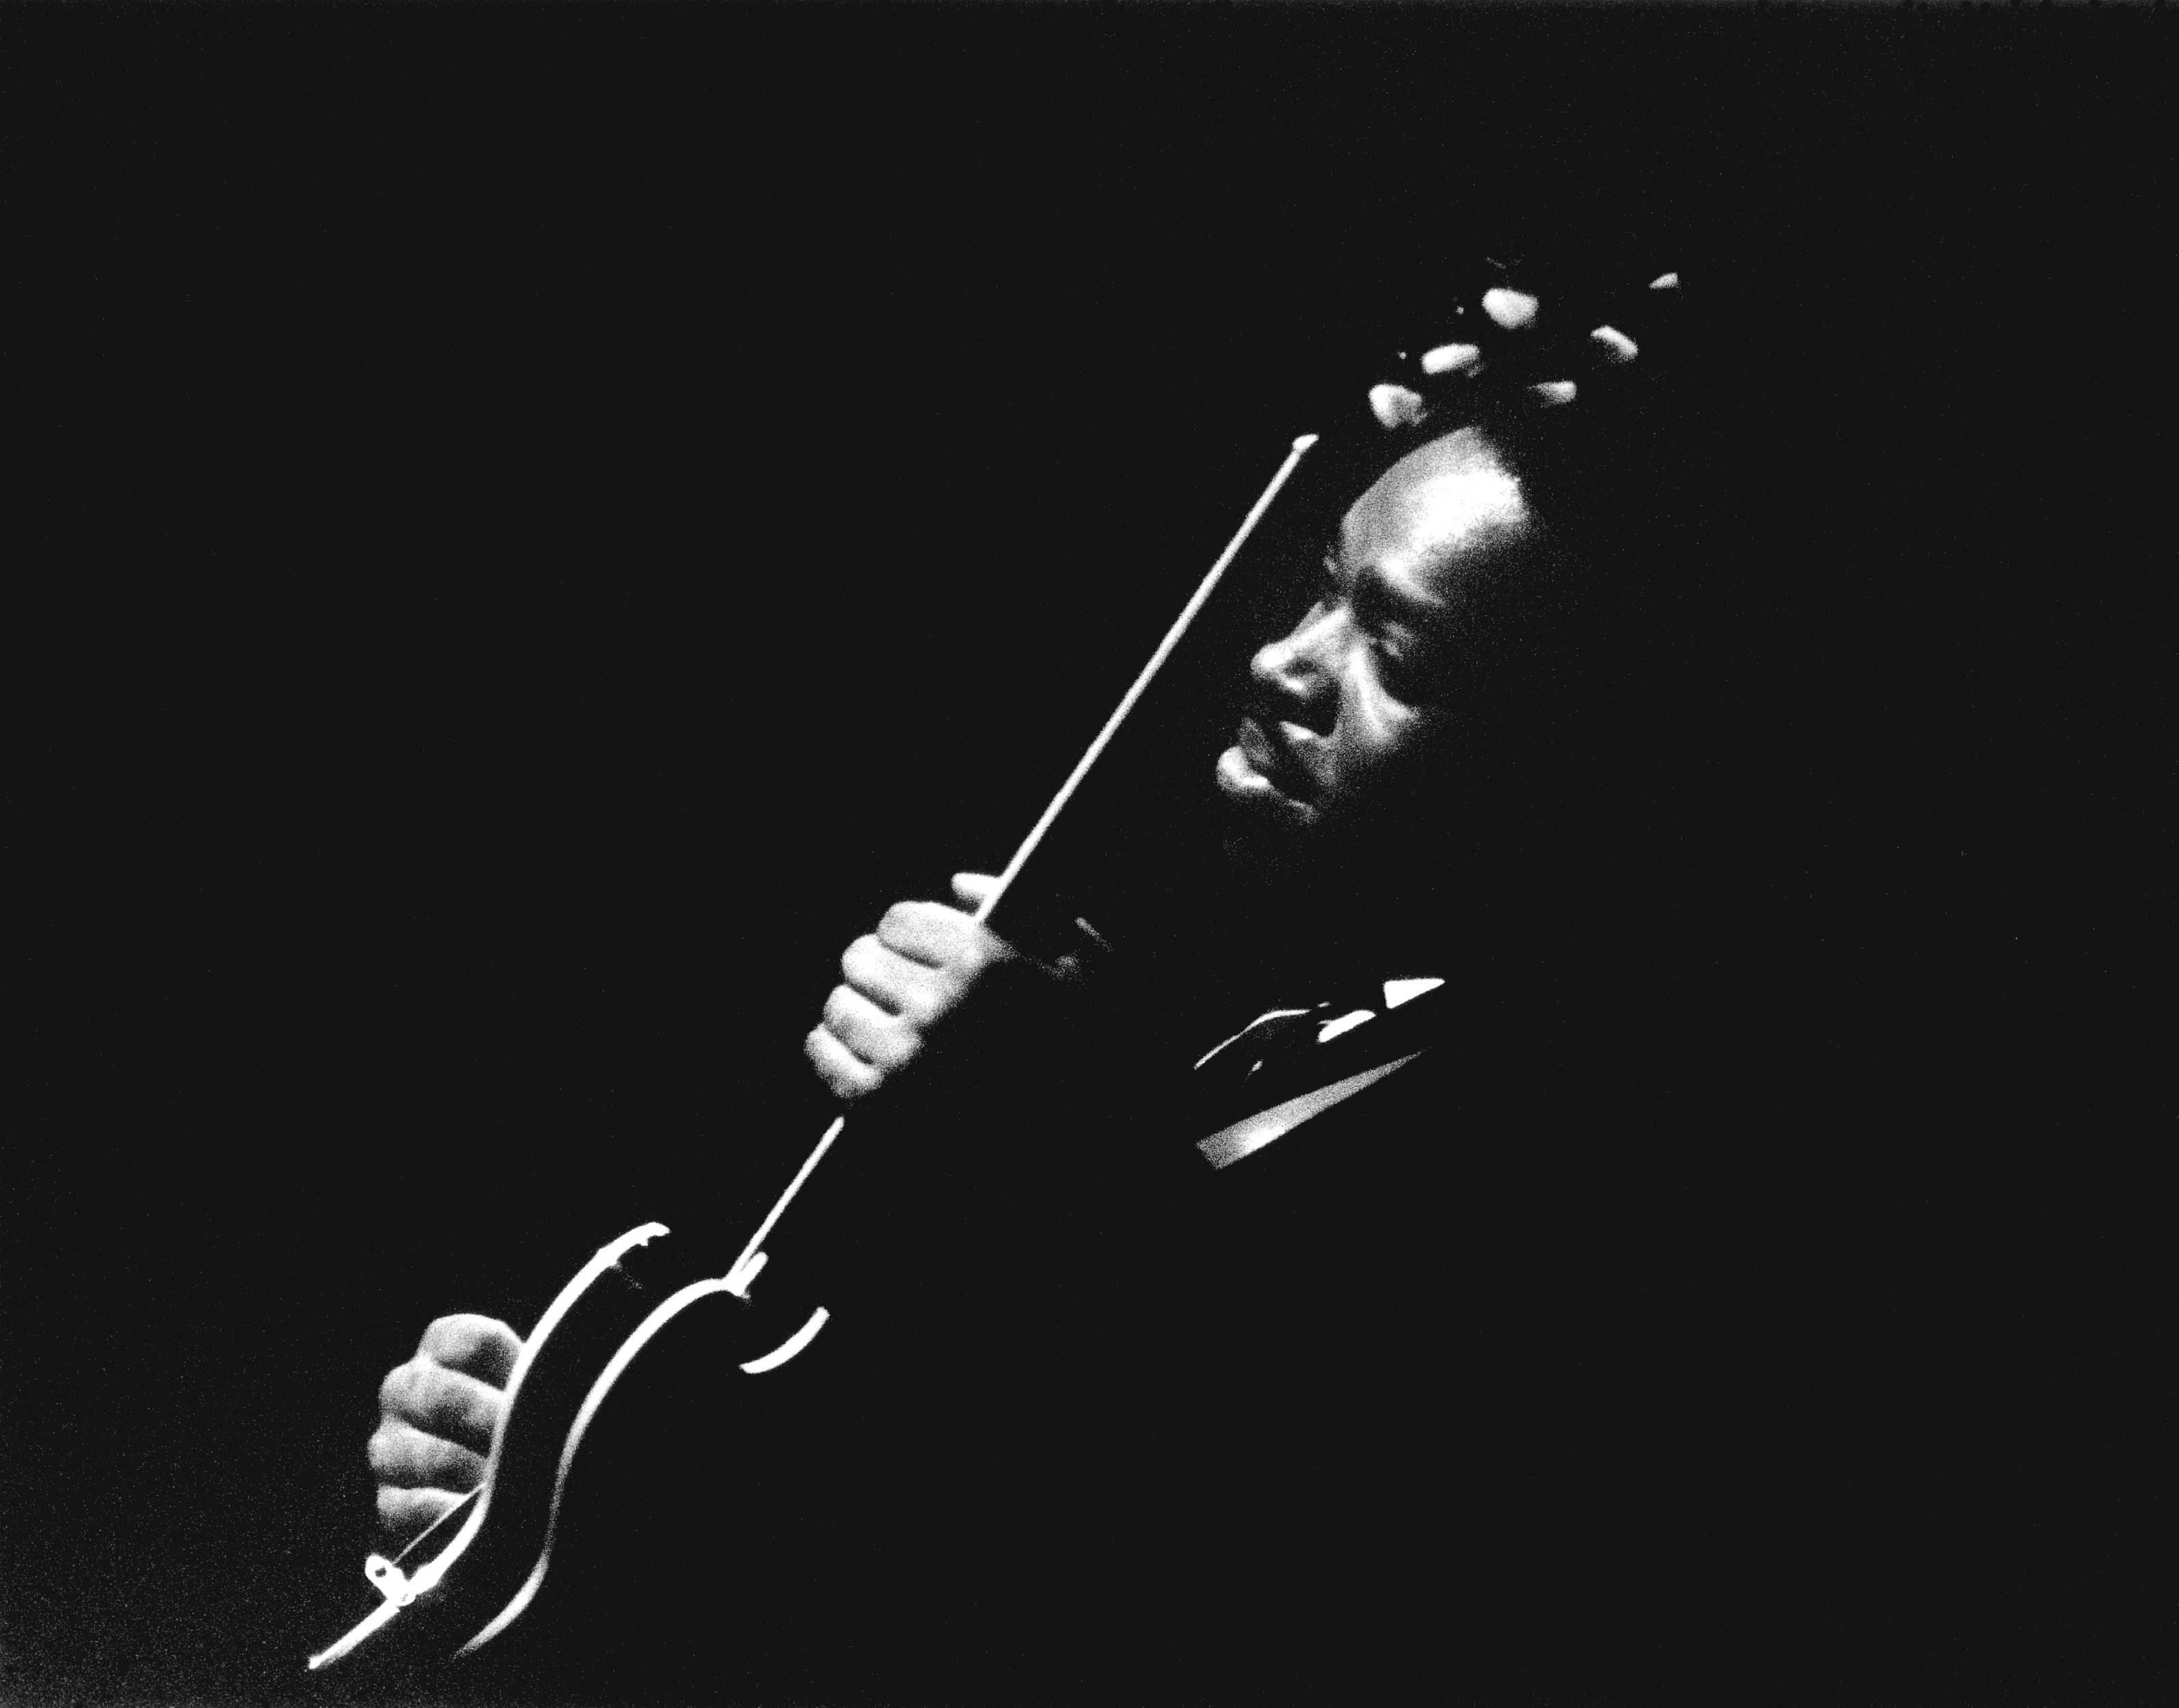 matt-guitar-murphy-blues-brothers-obituary